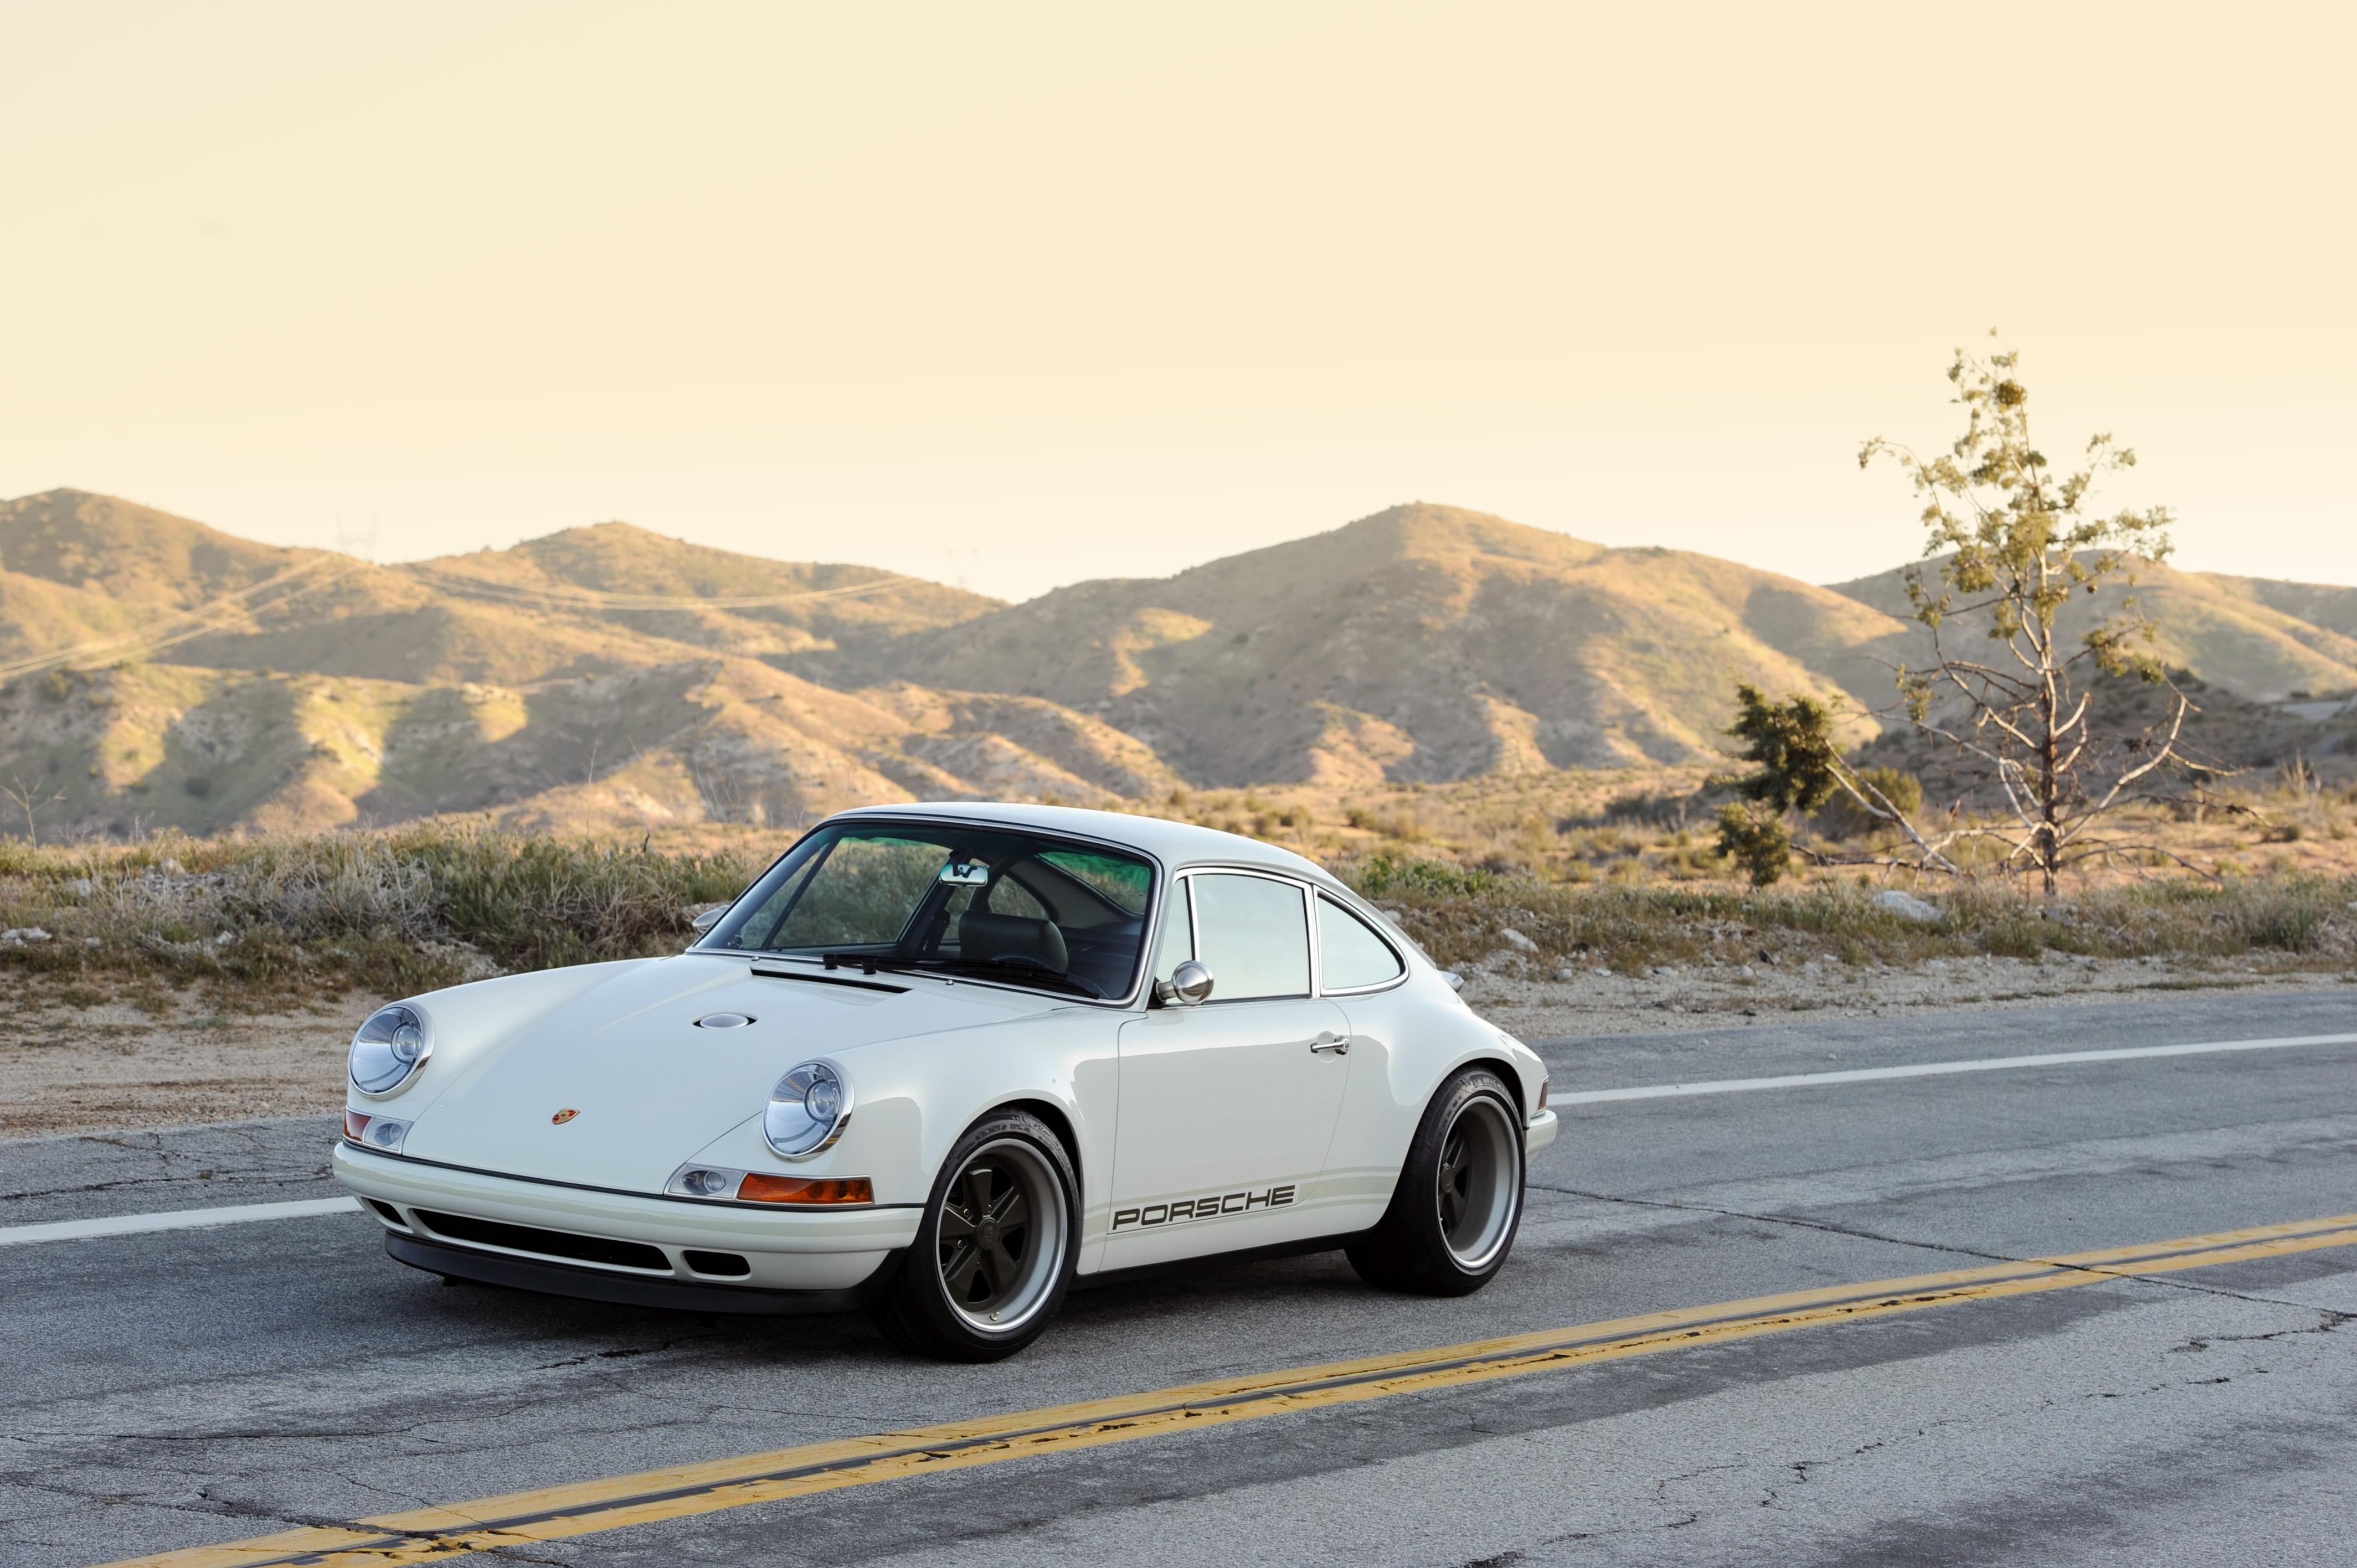 Porsche 911 Sport Classic Wallpaper: Wallpaper : Singer, Porsche 911, Sports Car, Coupe